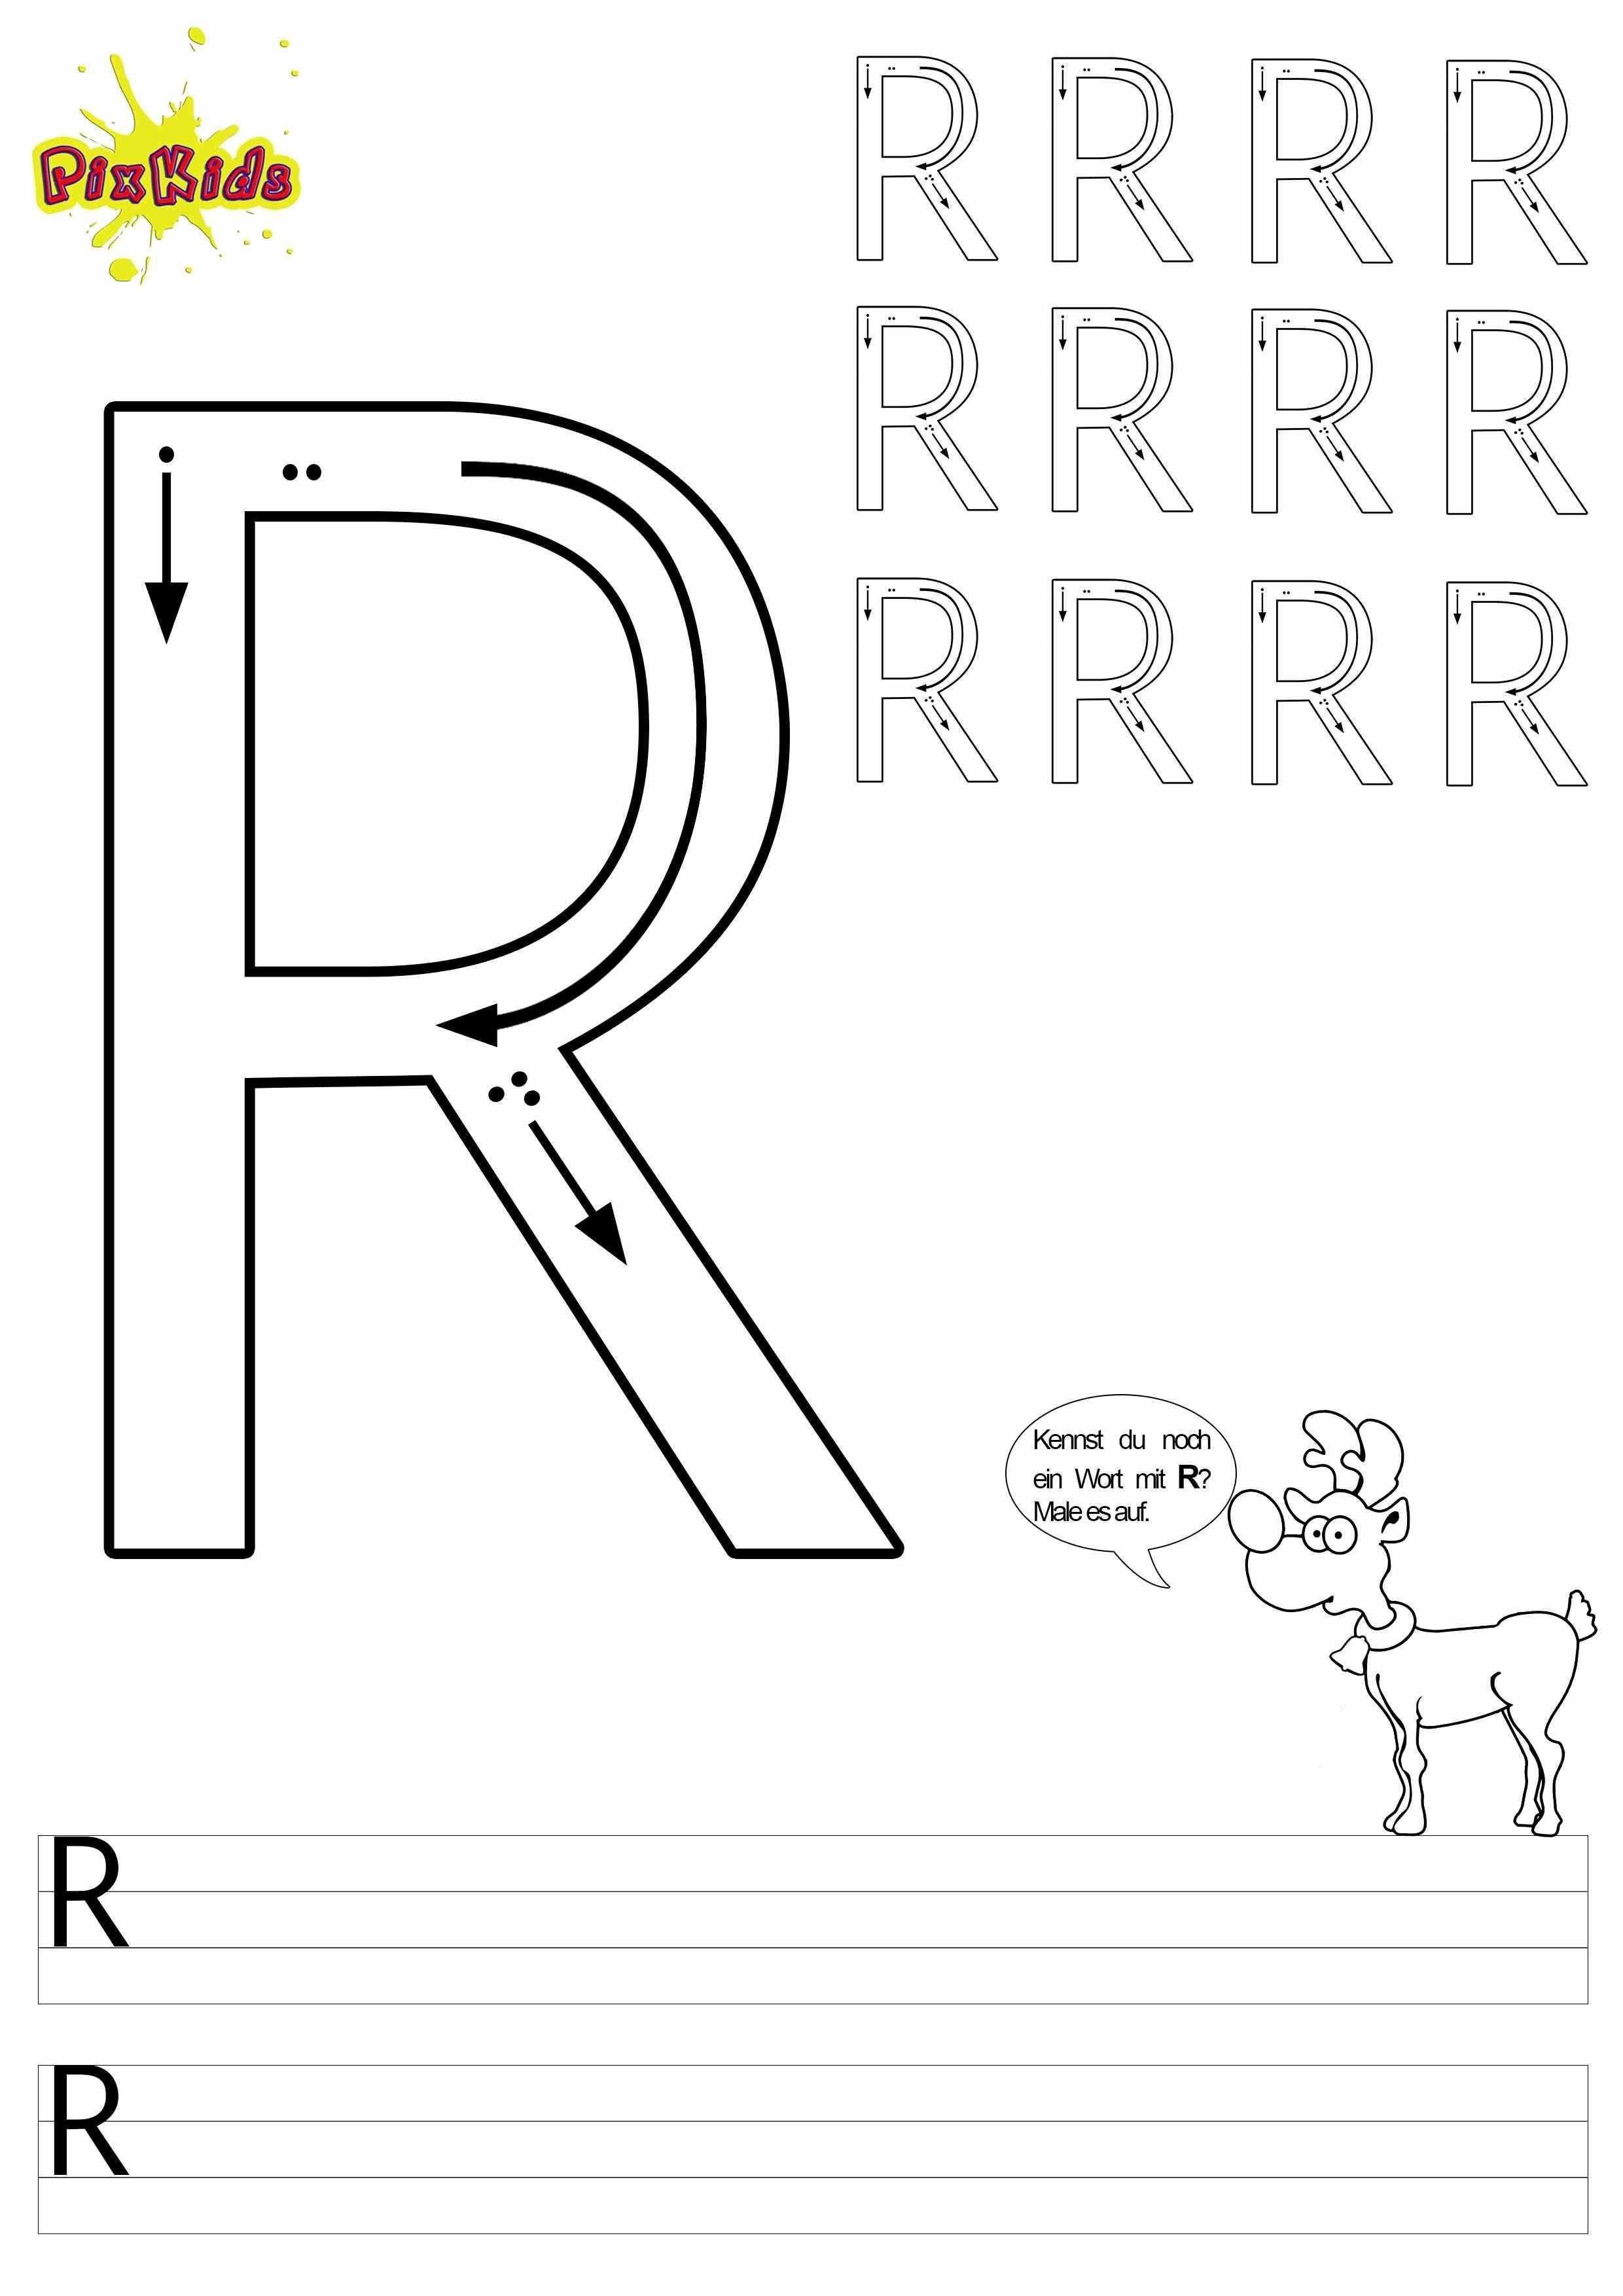 Farbung Malvorlagen Malvorlagenfurkinder Schreiben Lernen Buchstaben Lernen Arbeitsblatter